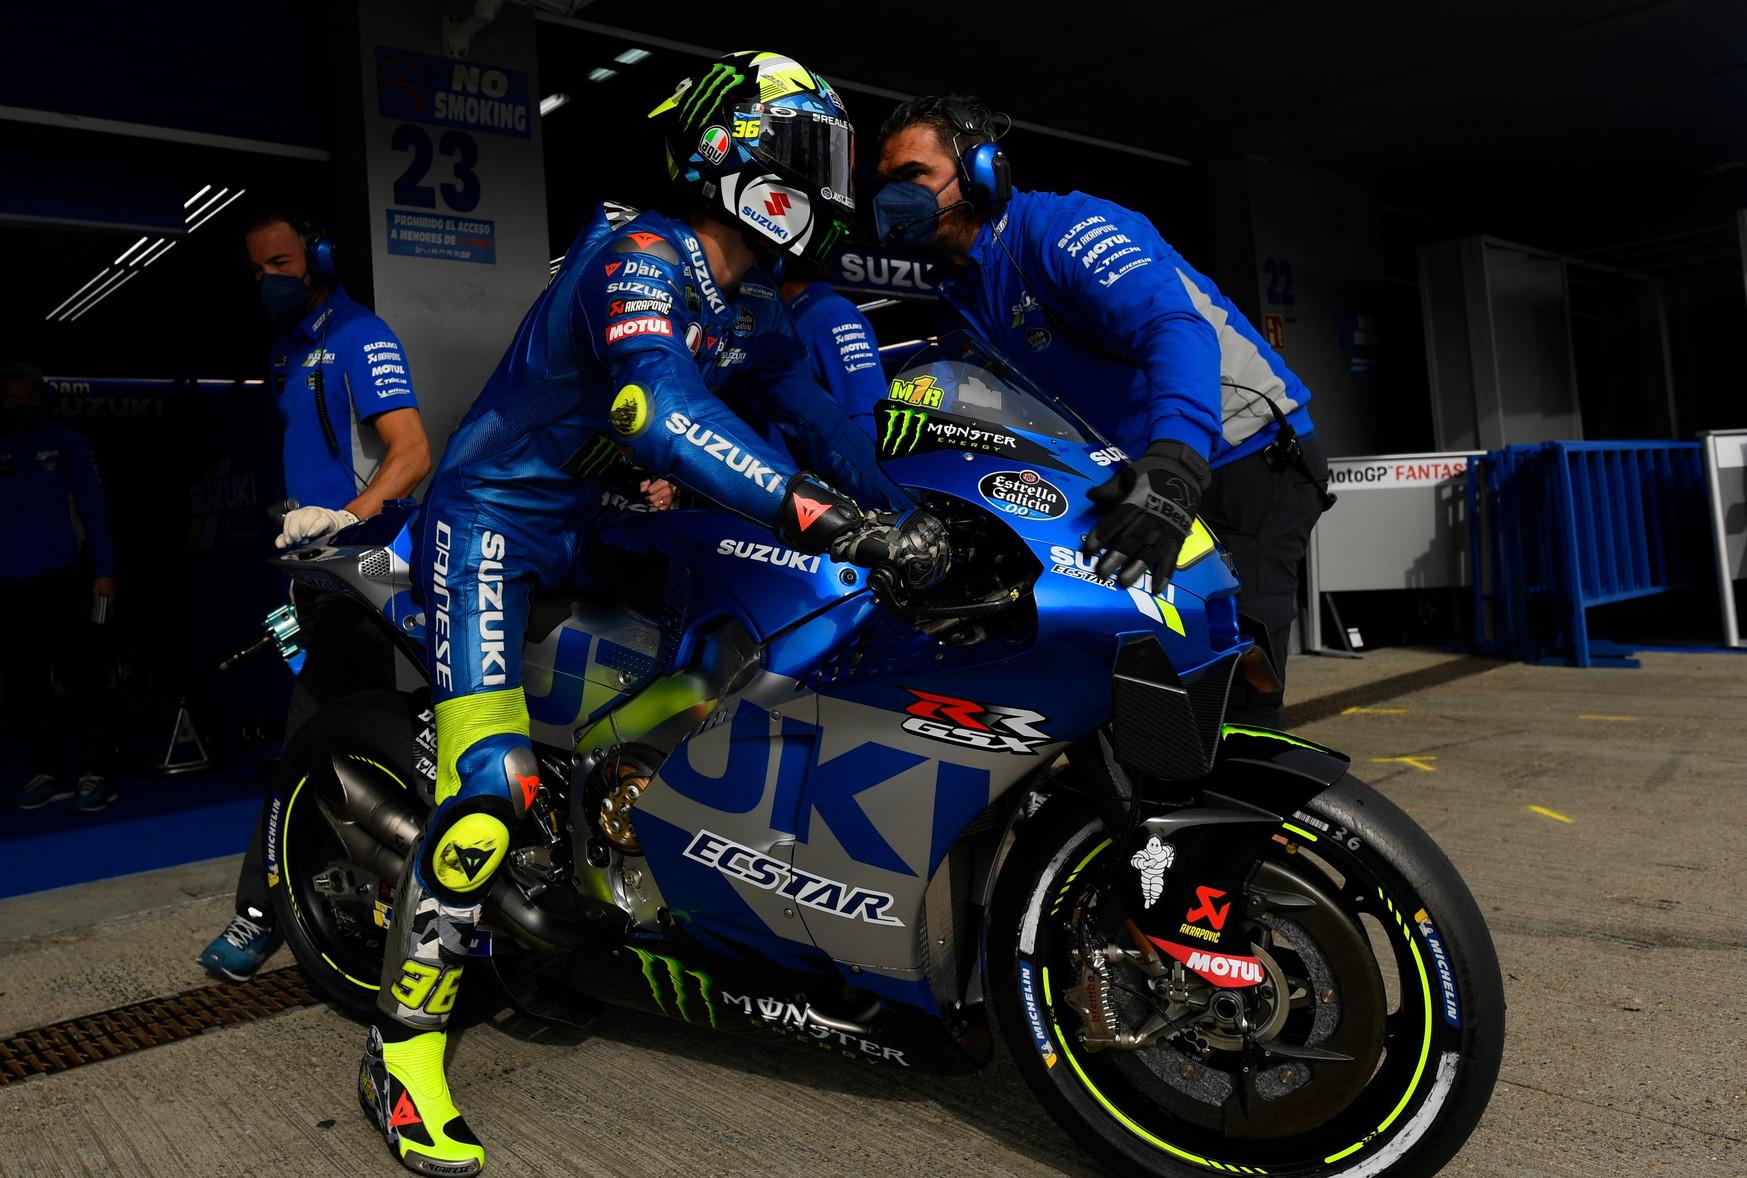 Francesco Bagnaia&nbsp;ha conquistato il miglior crono delle due sessioni di libere a Jerez, quarta tappa del Motomondiale<br /><br />